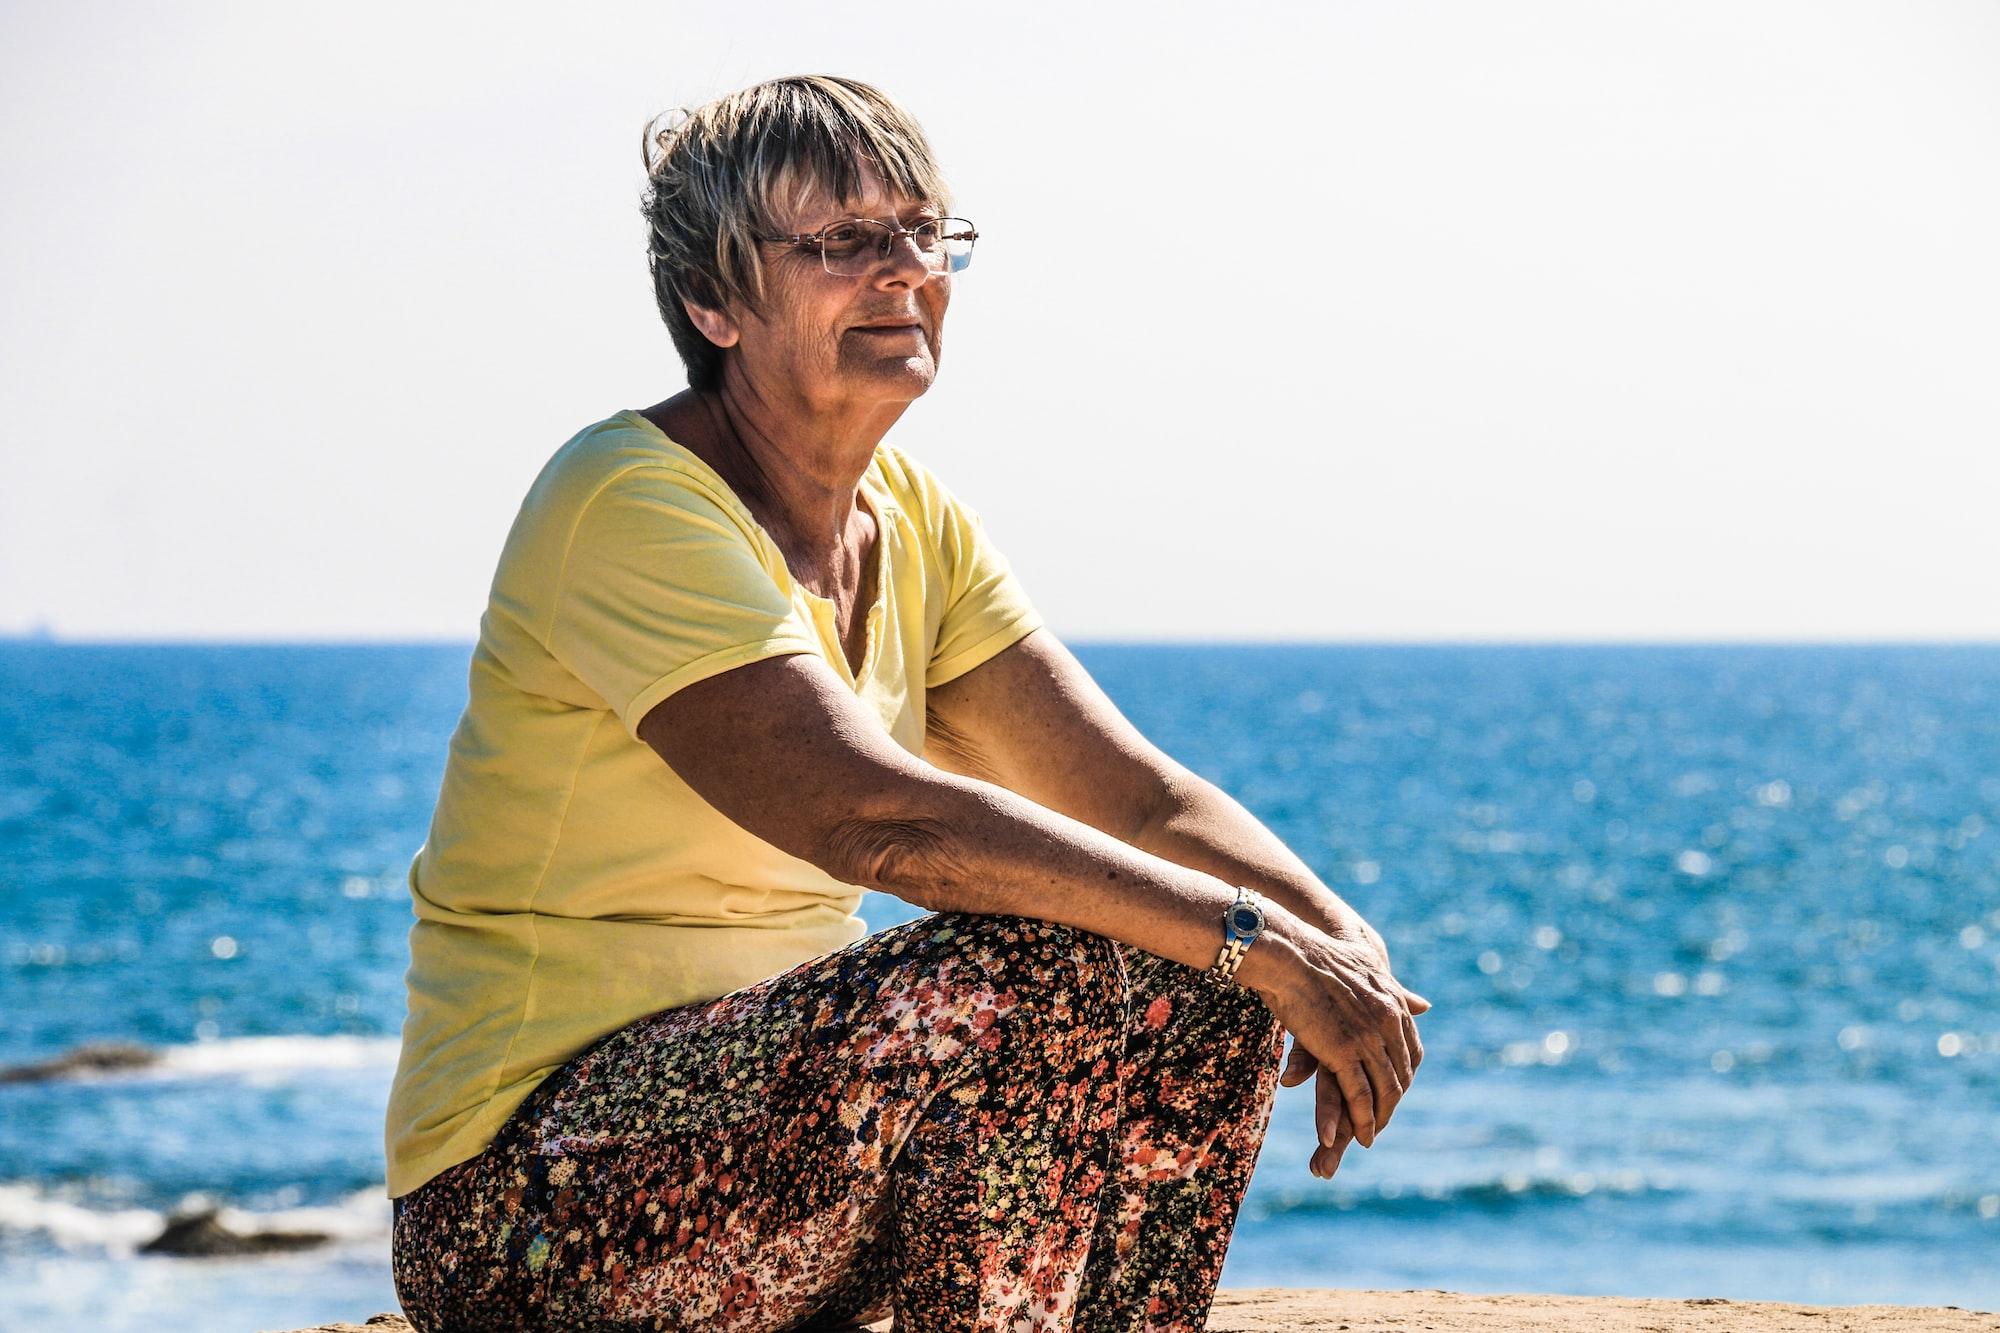 Flytt pensjonskapitalbevis og få hundretusener i høyere pensjon